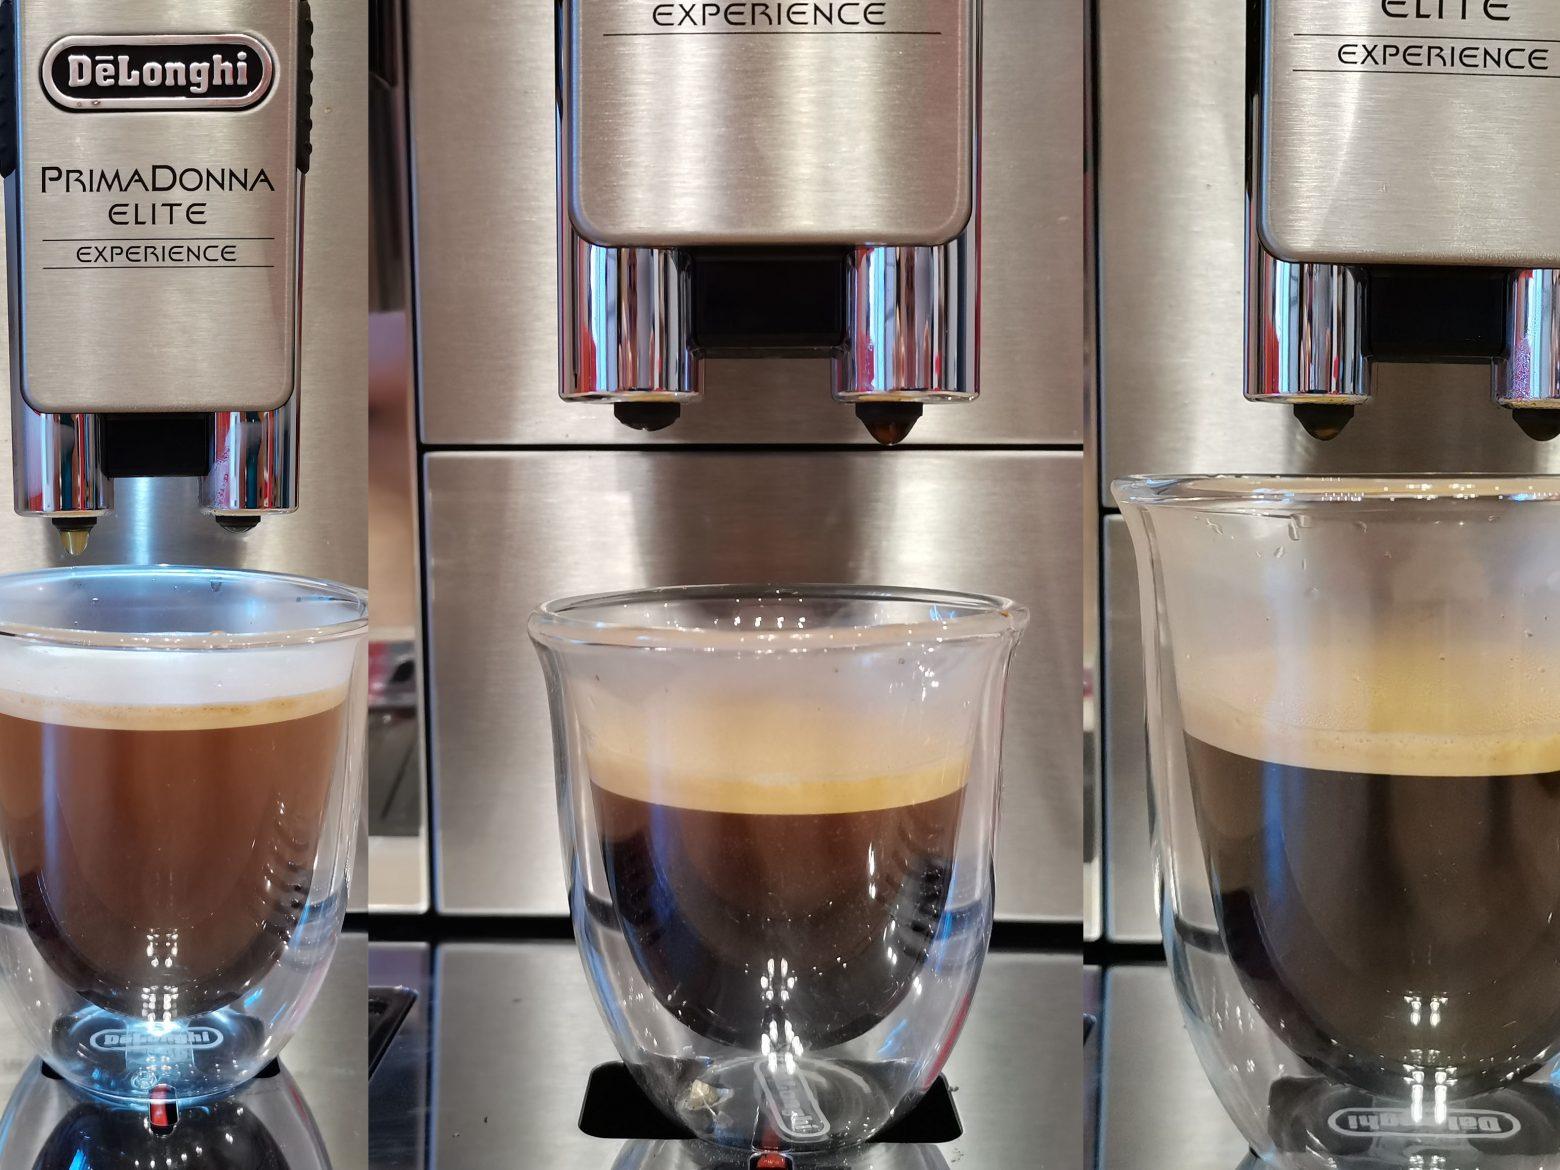 День чёрного кофе с PrimaDonna Elite: готовим, настраиваем, дегустируем